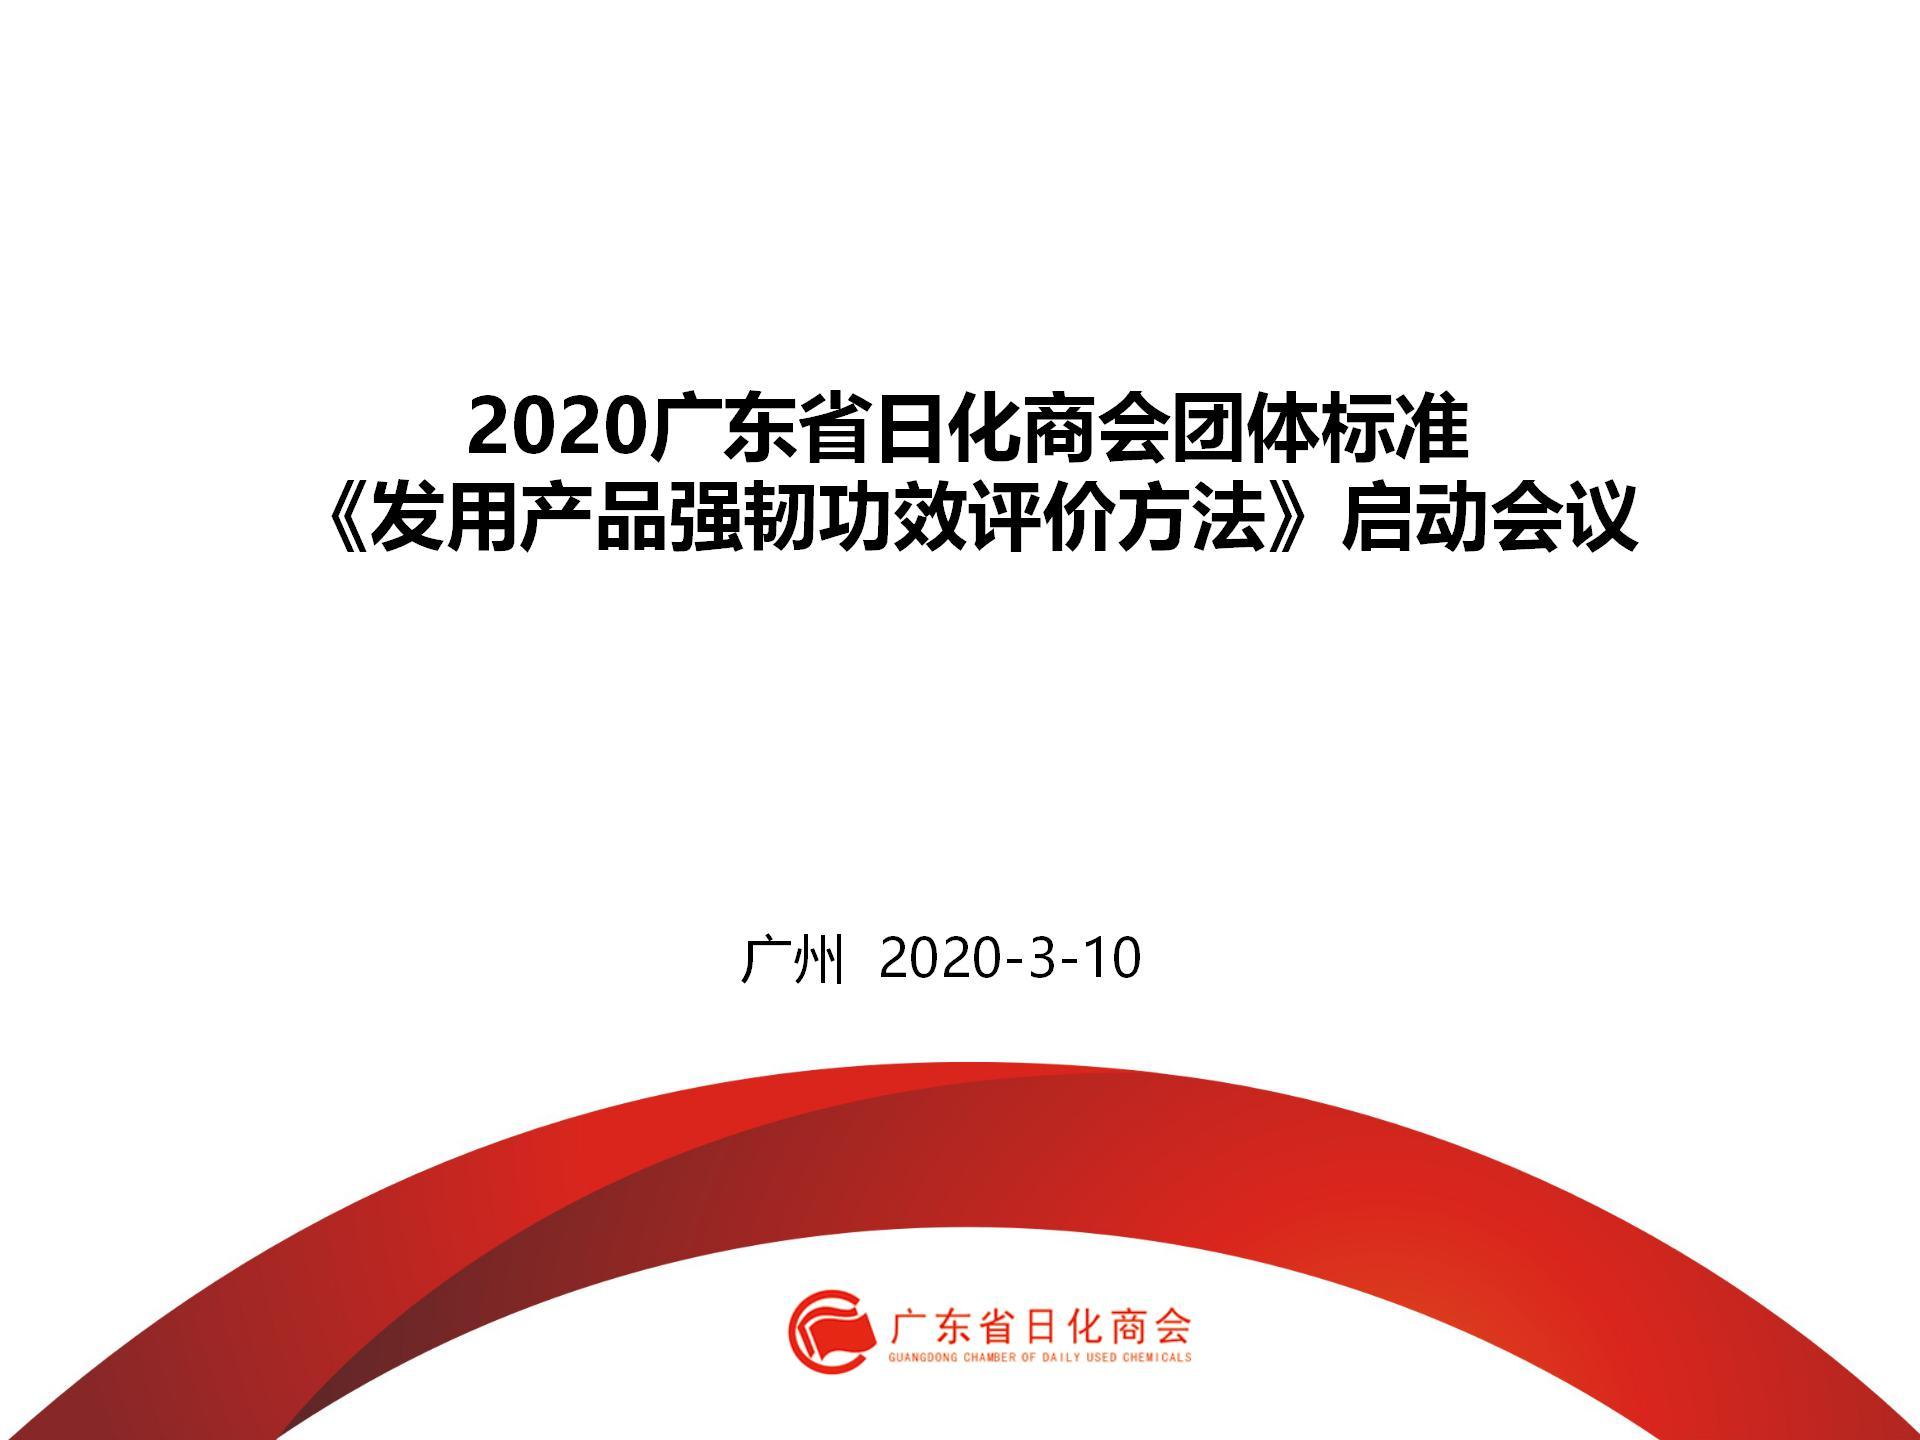 2020广东省日化商会团体标准《发用产品强韧功效评价方法》项目启动会议顺利召开!